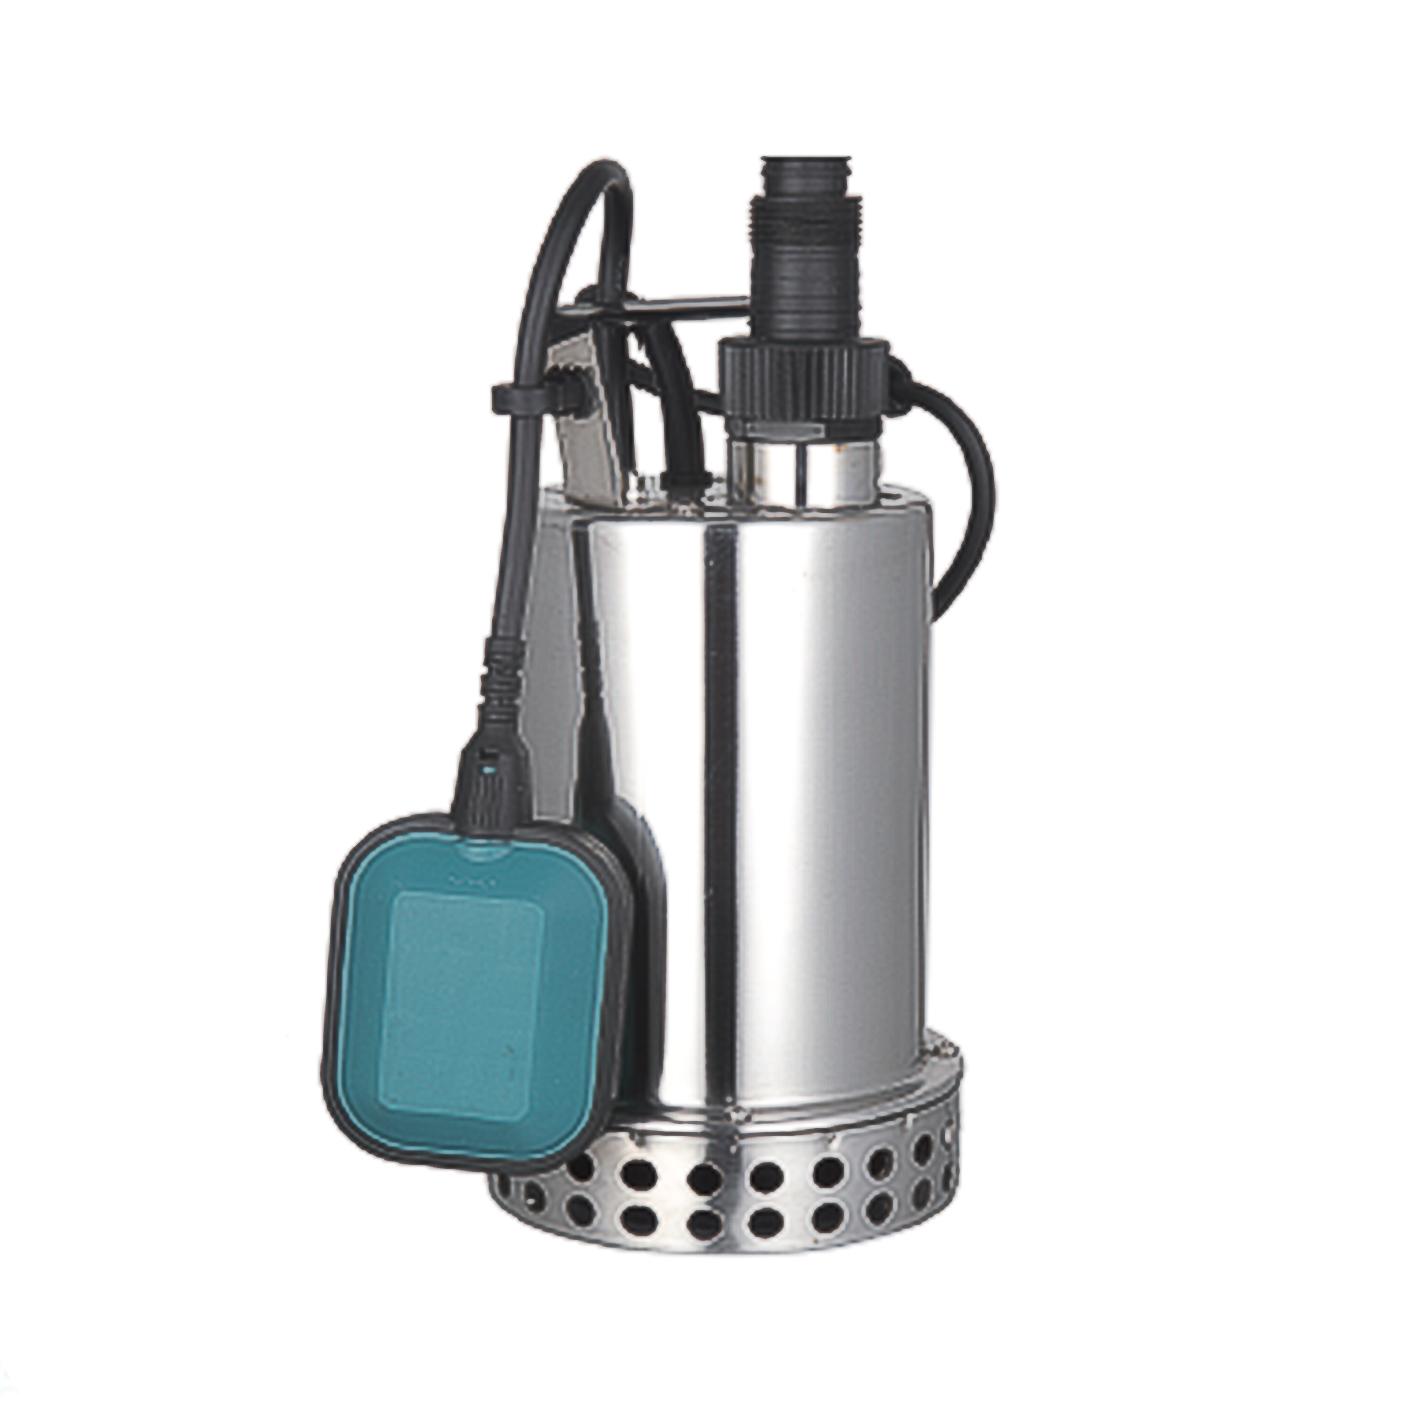 Momentum PKS 750S Paslanmaz Pis Su Pompası